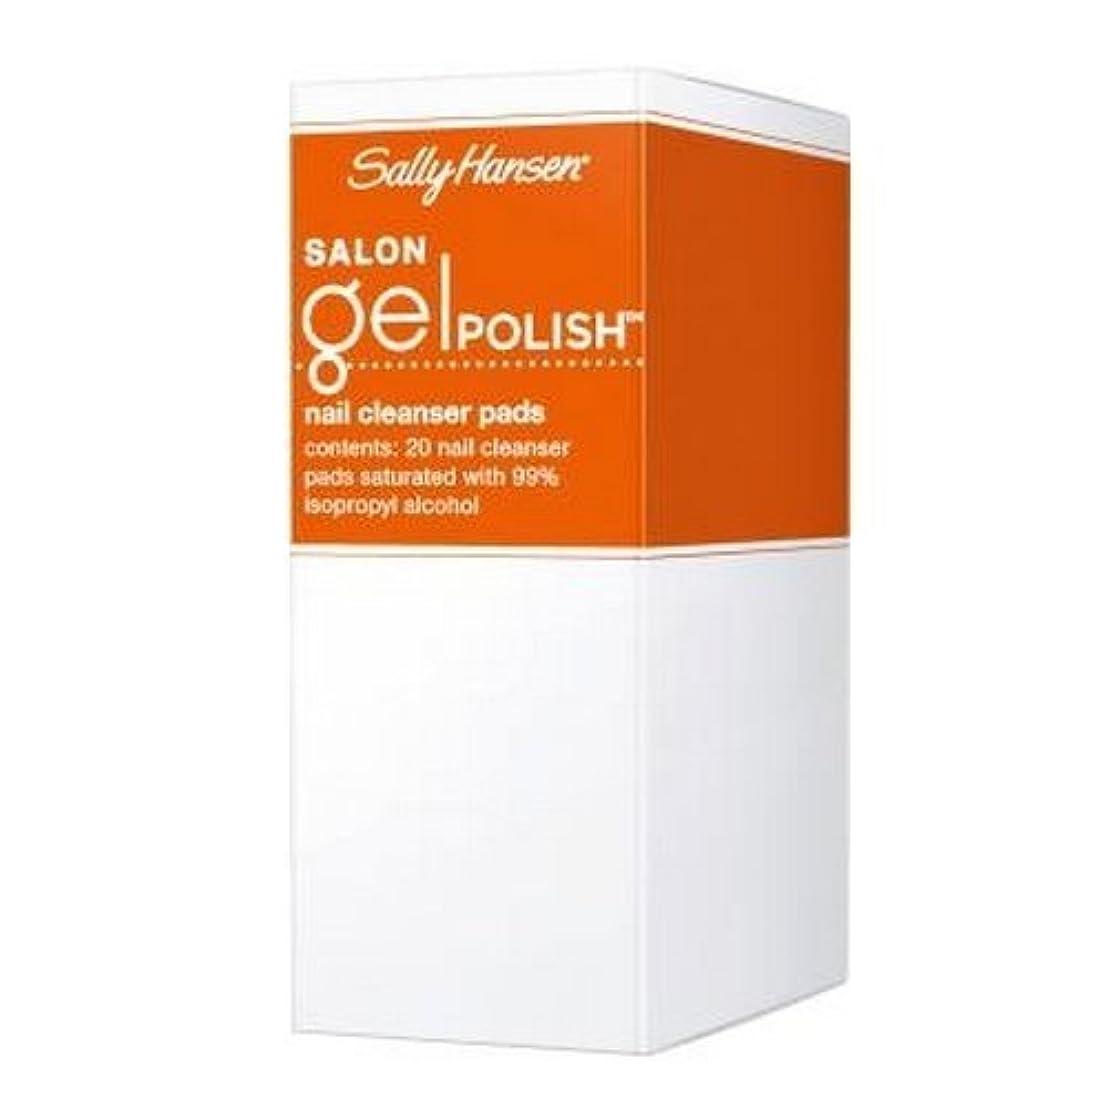 ドロー航空便パンツ(3 Pack) SALLY HANSEN Salon Gel Polish Nail Cleanser Pads - Gel Polish Cleanser Pads (並行輸入品)